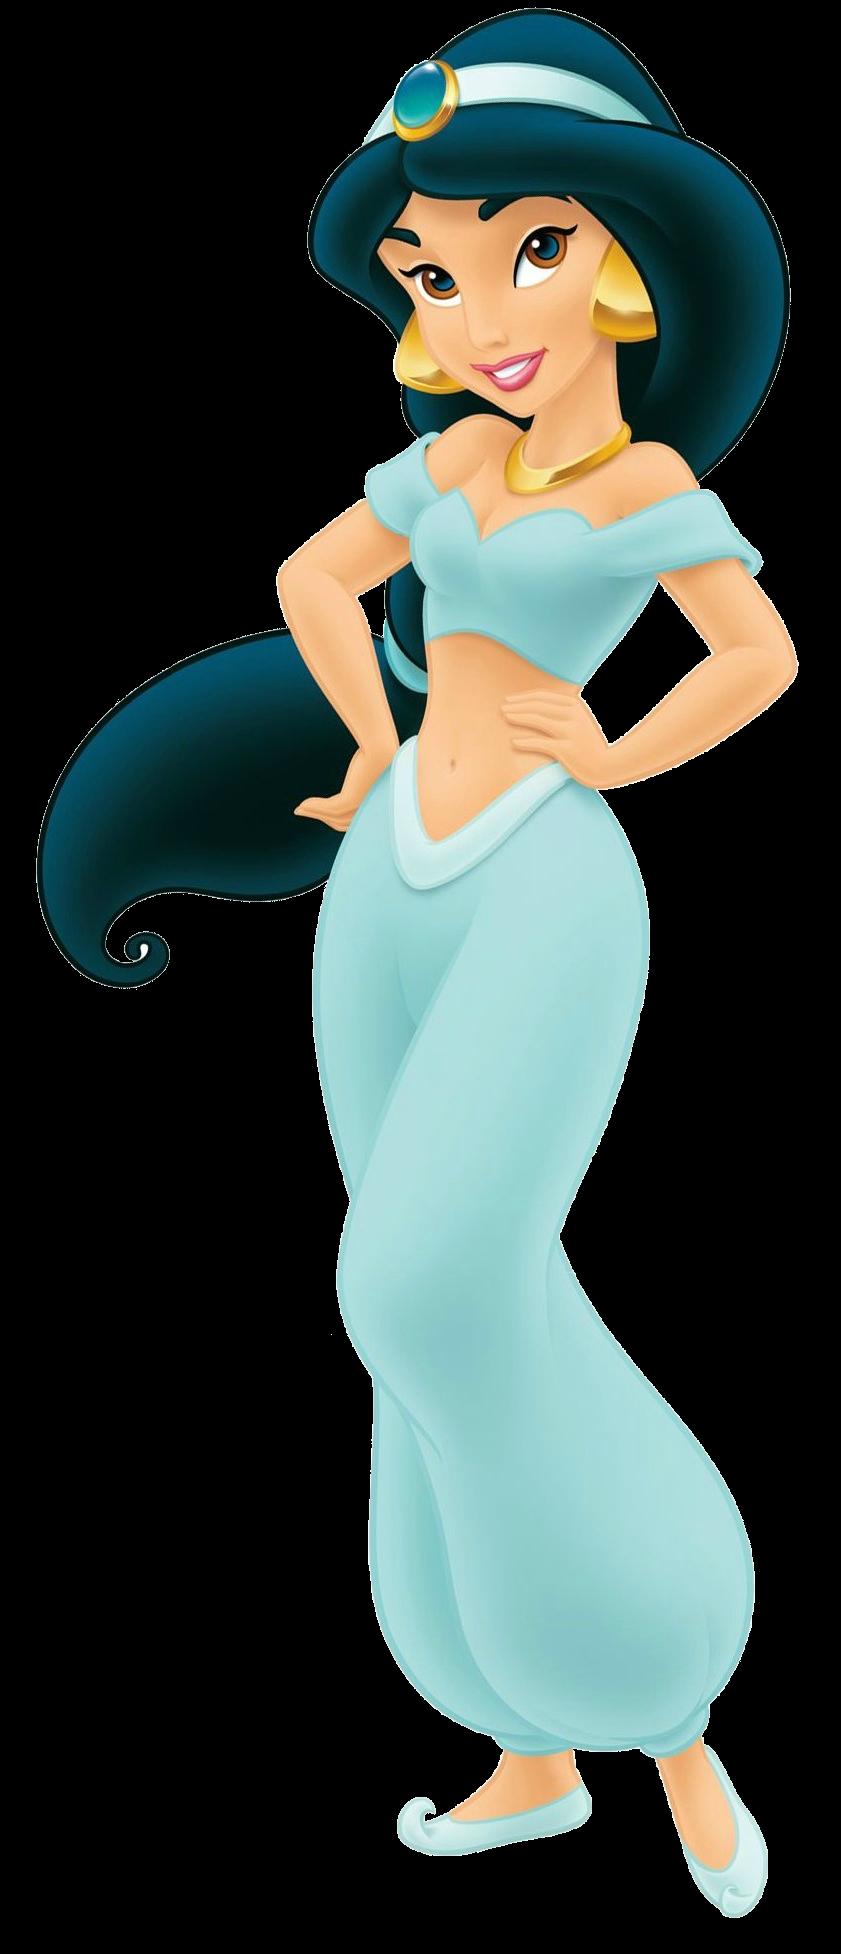 Принцесса жасмин картинки на белом фоне, английские картинка надписью